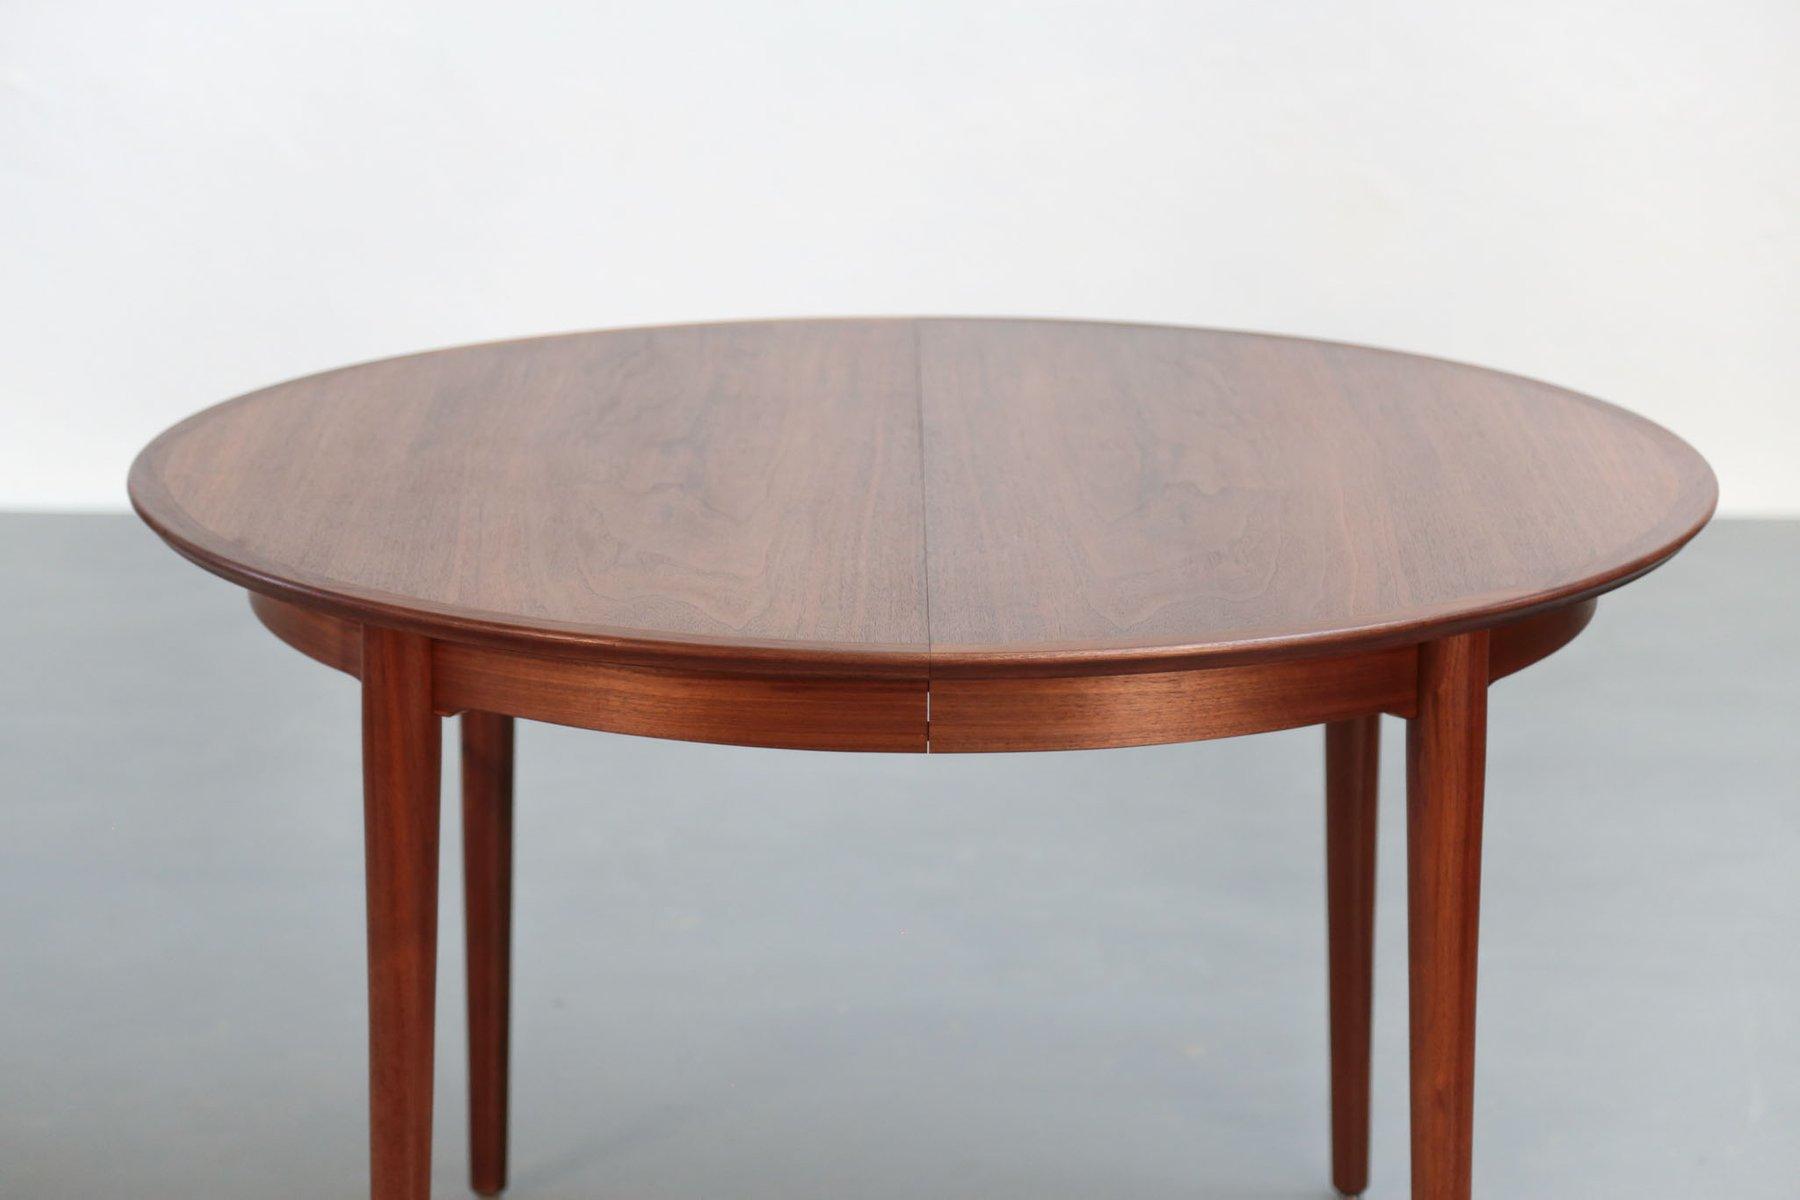 Scandinavian Teak Dining Table By Arne Vodder For P. Olsen Sibast, 1960s 3.  Previous